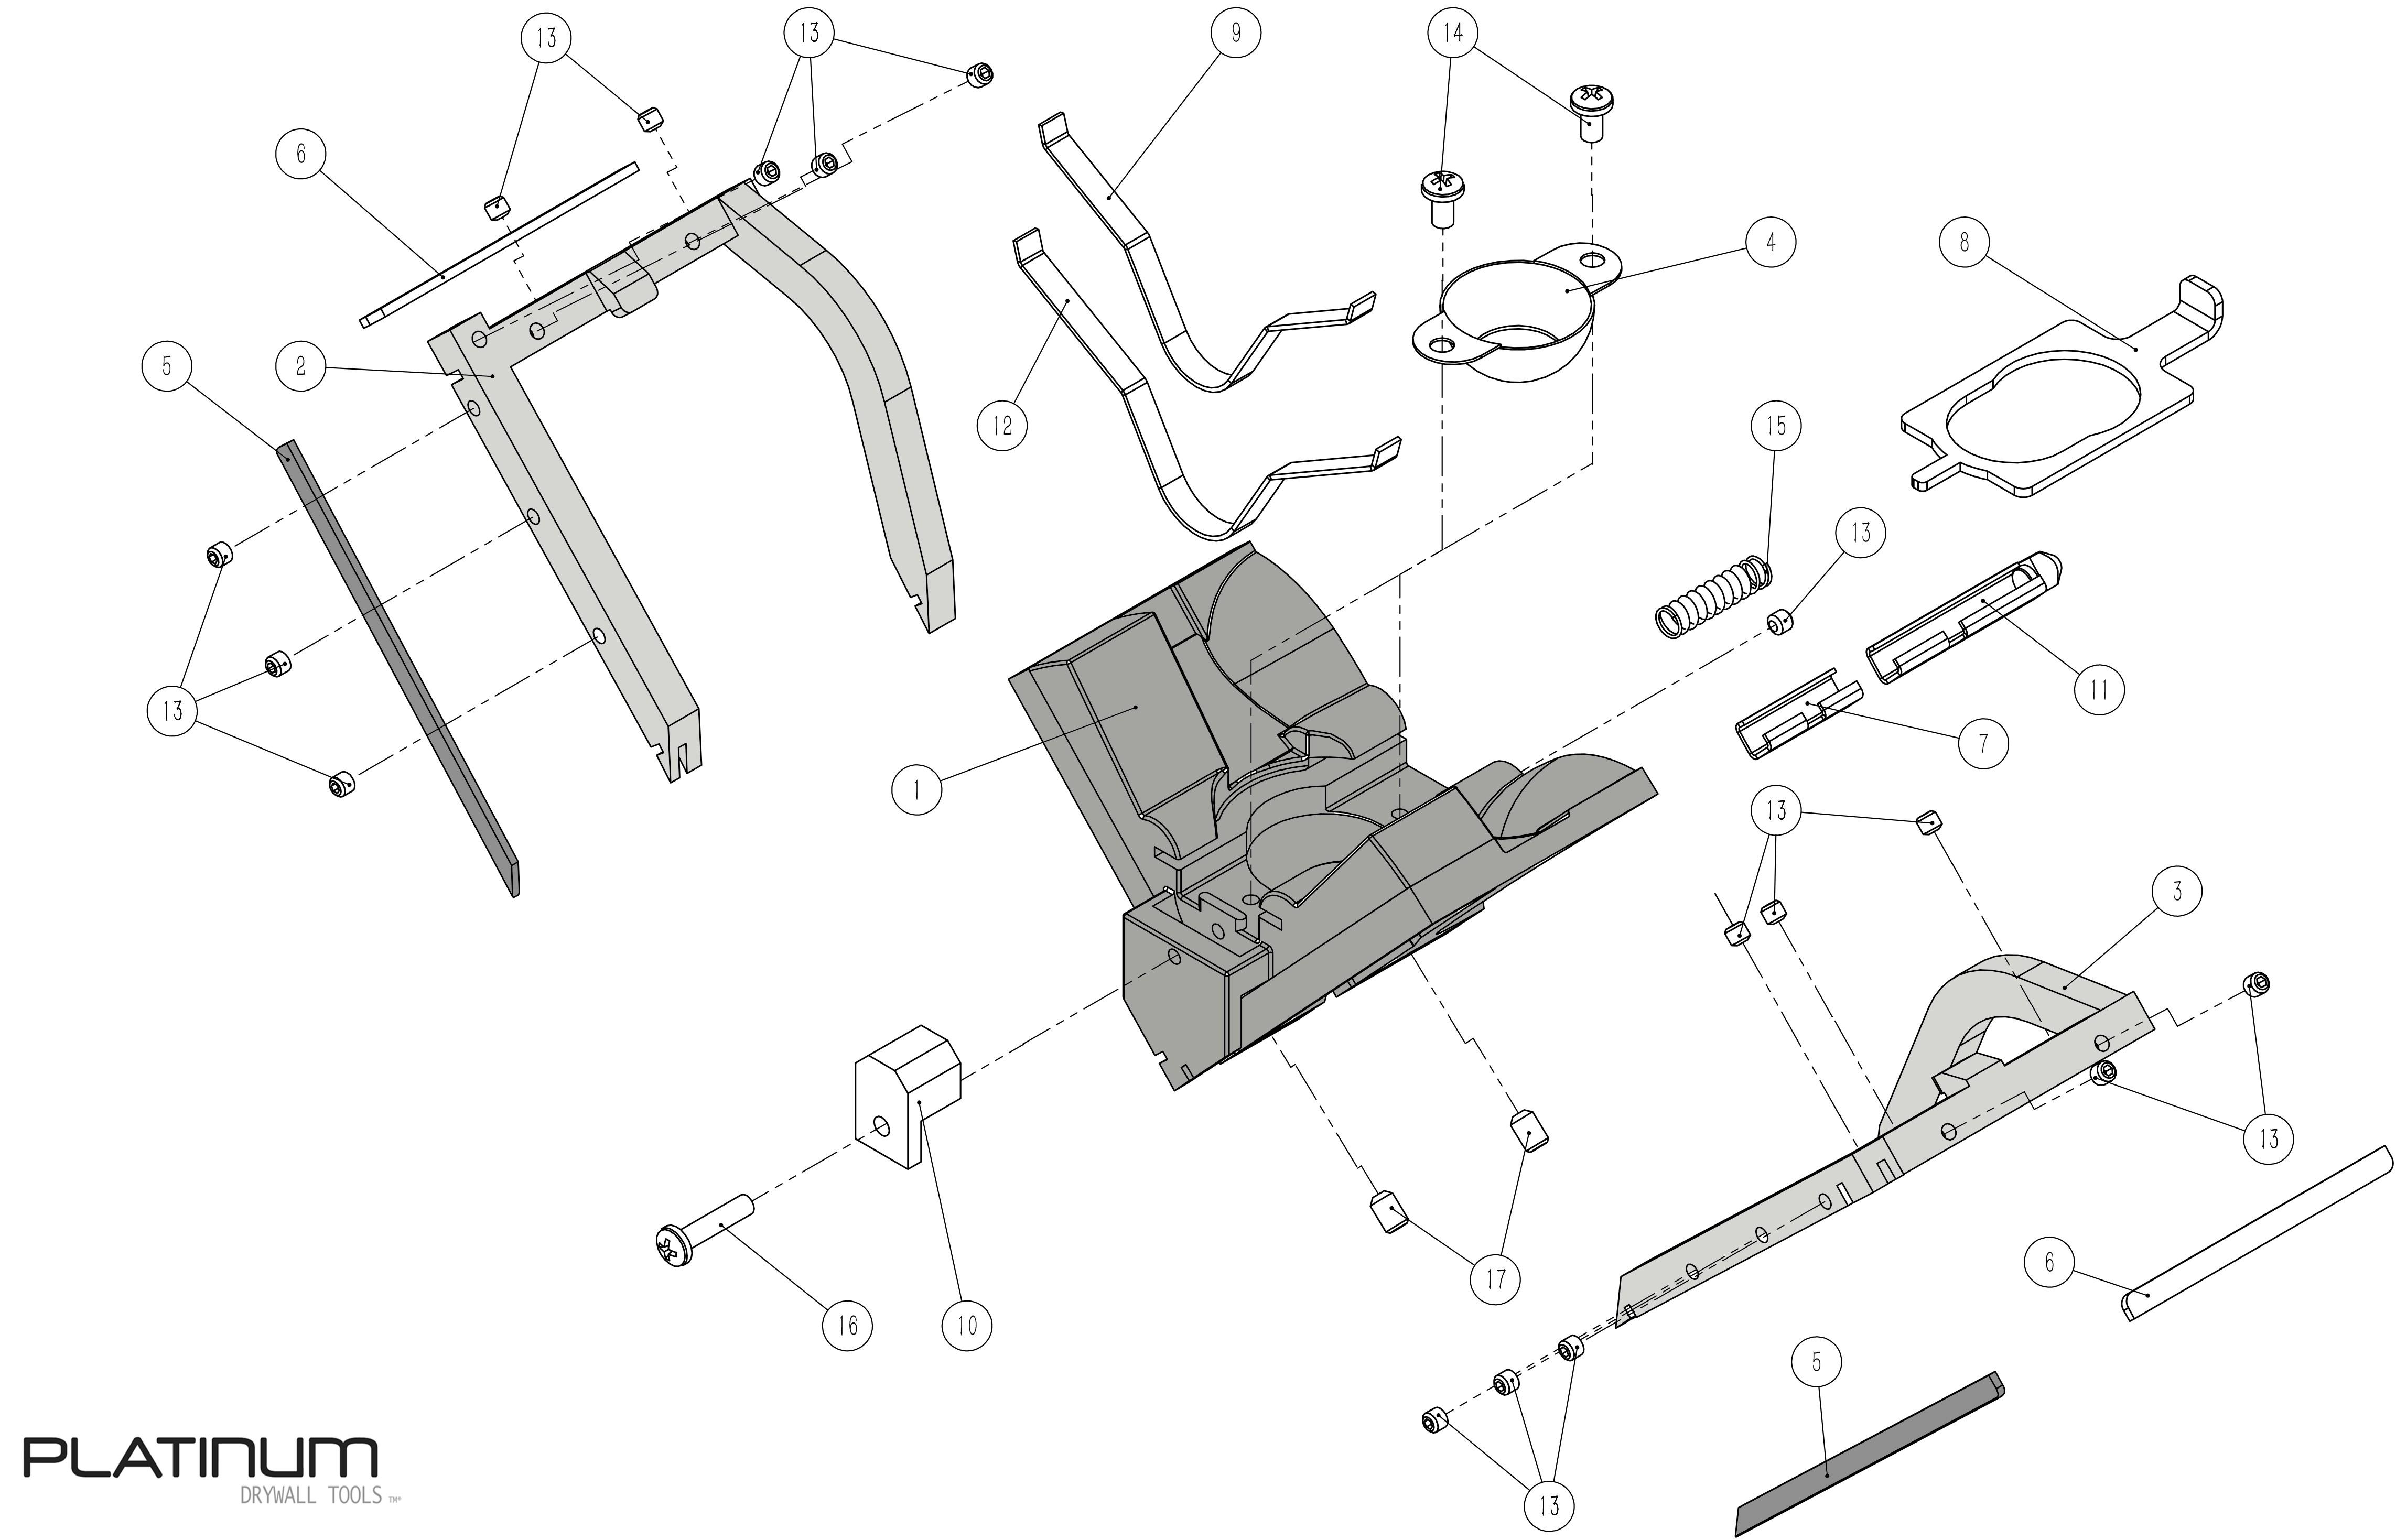 Platinum Angle Head Parts List